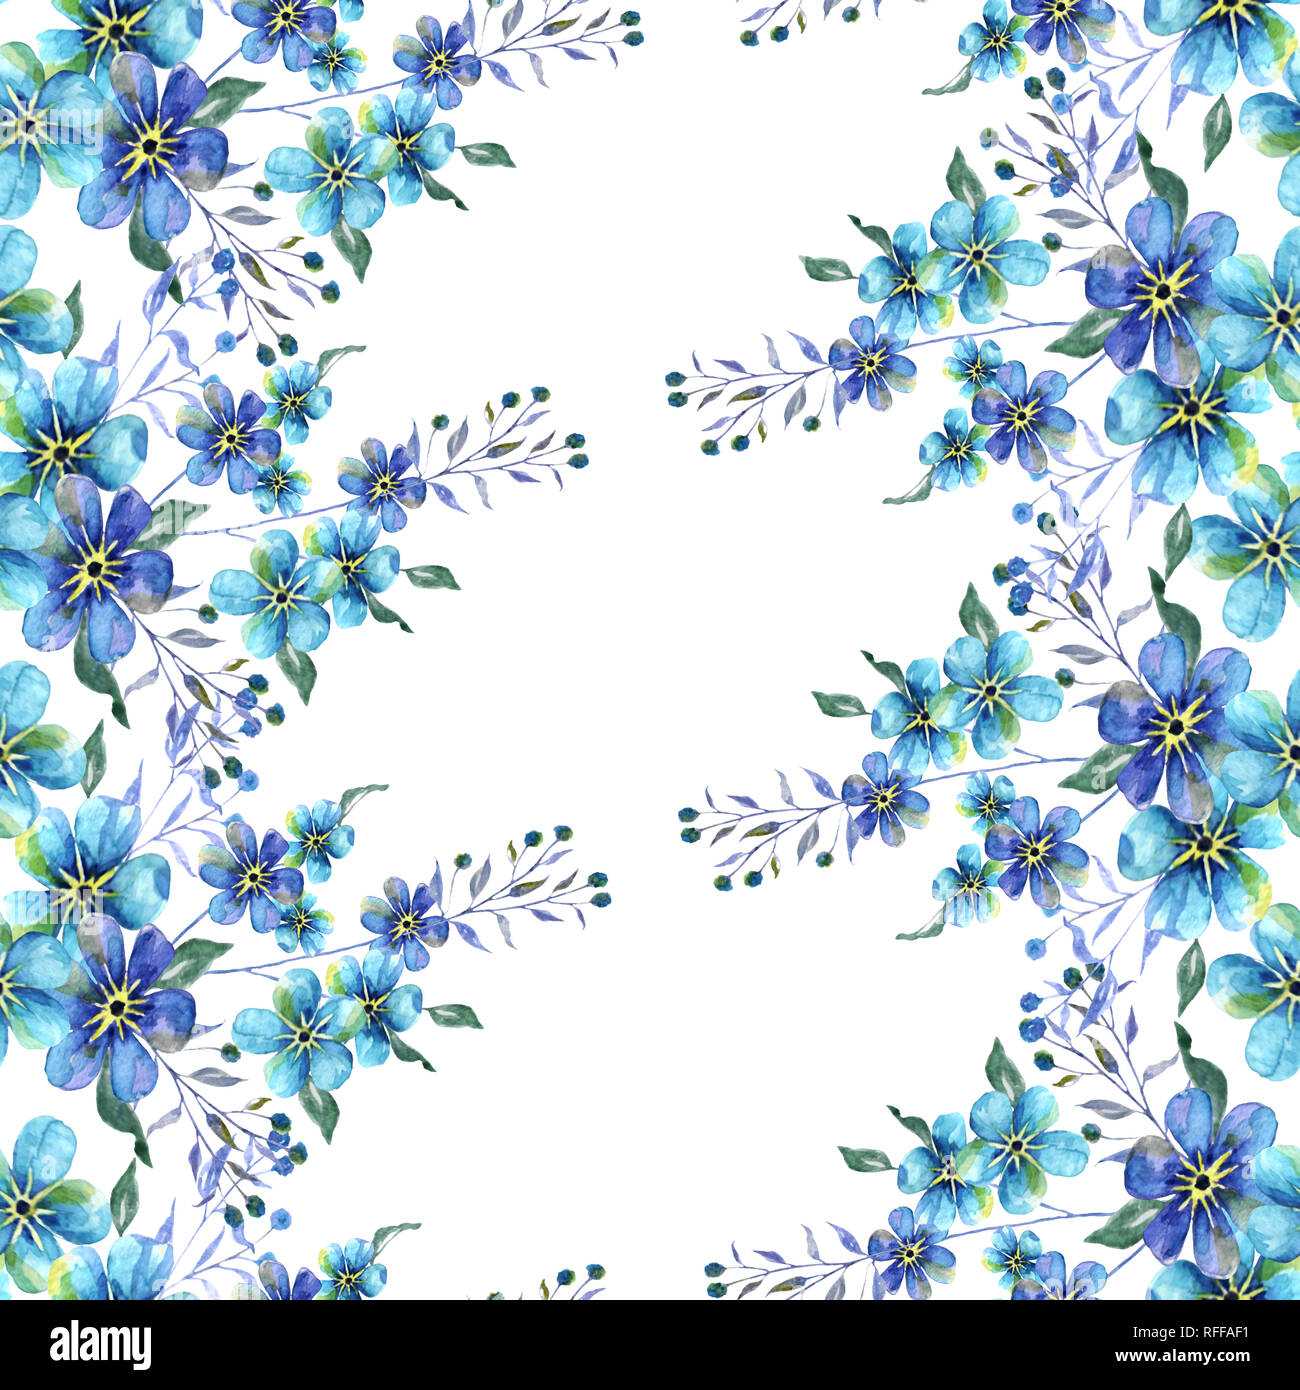 Acuarela Patron Sin Fisuras Con Flores Azules Forget Me Nots Sobre